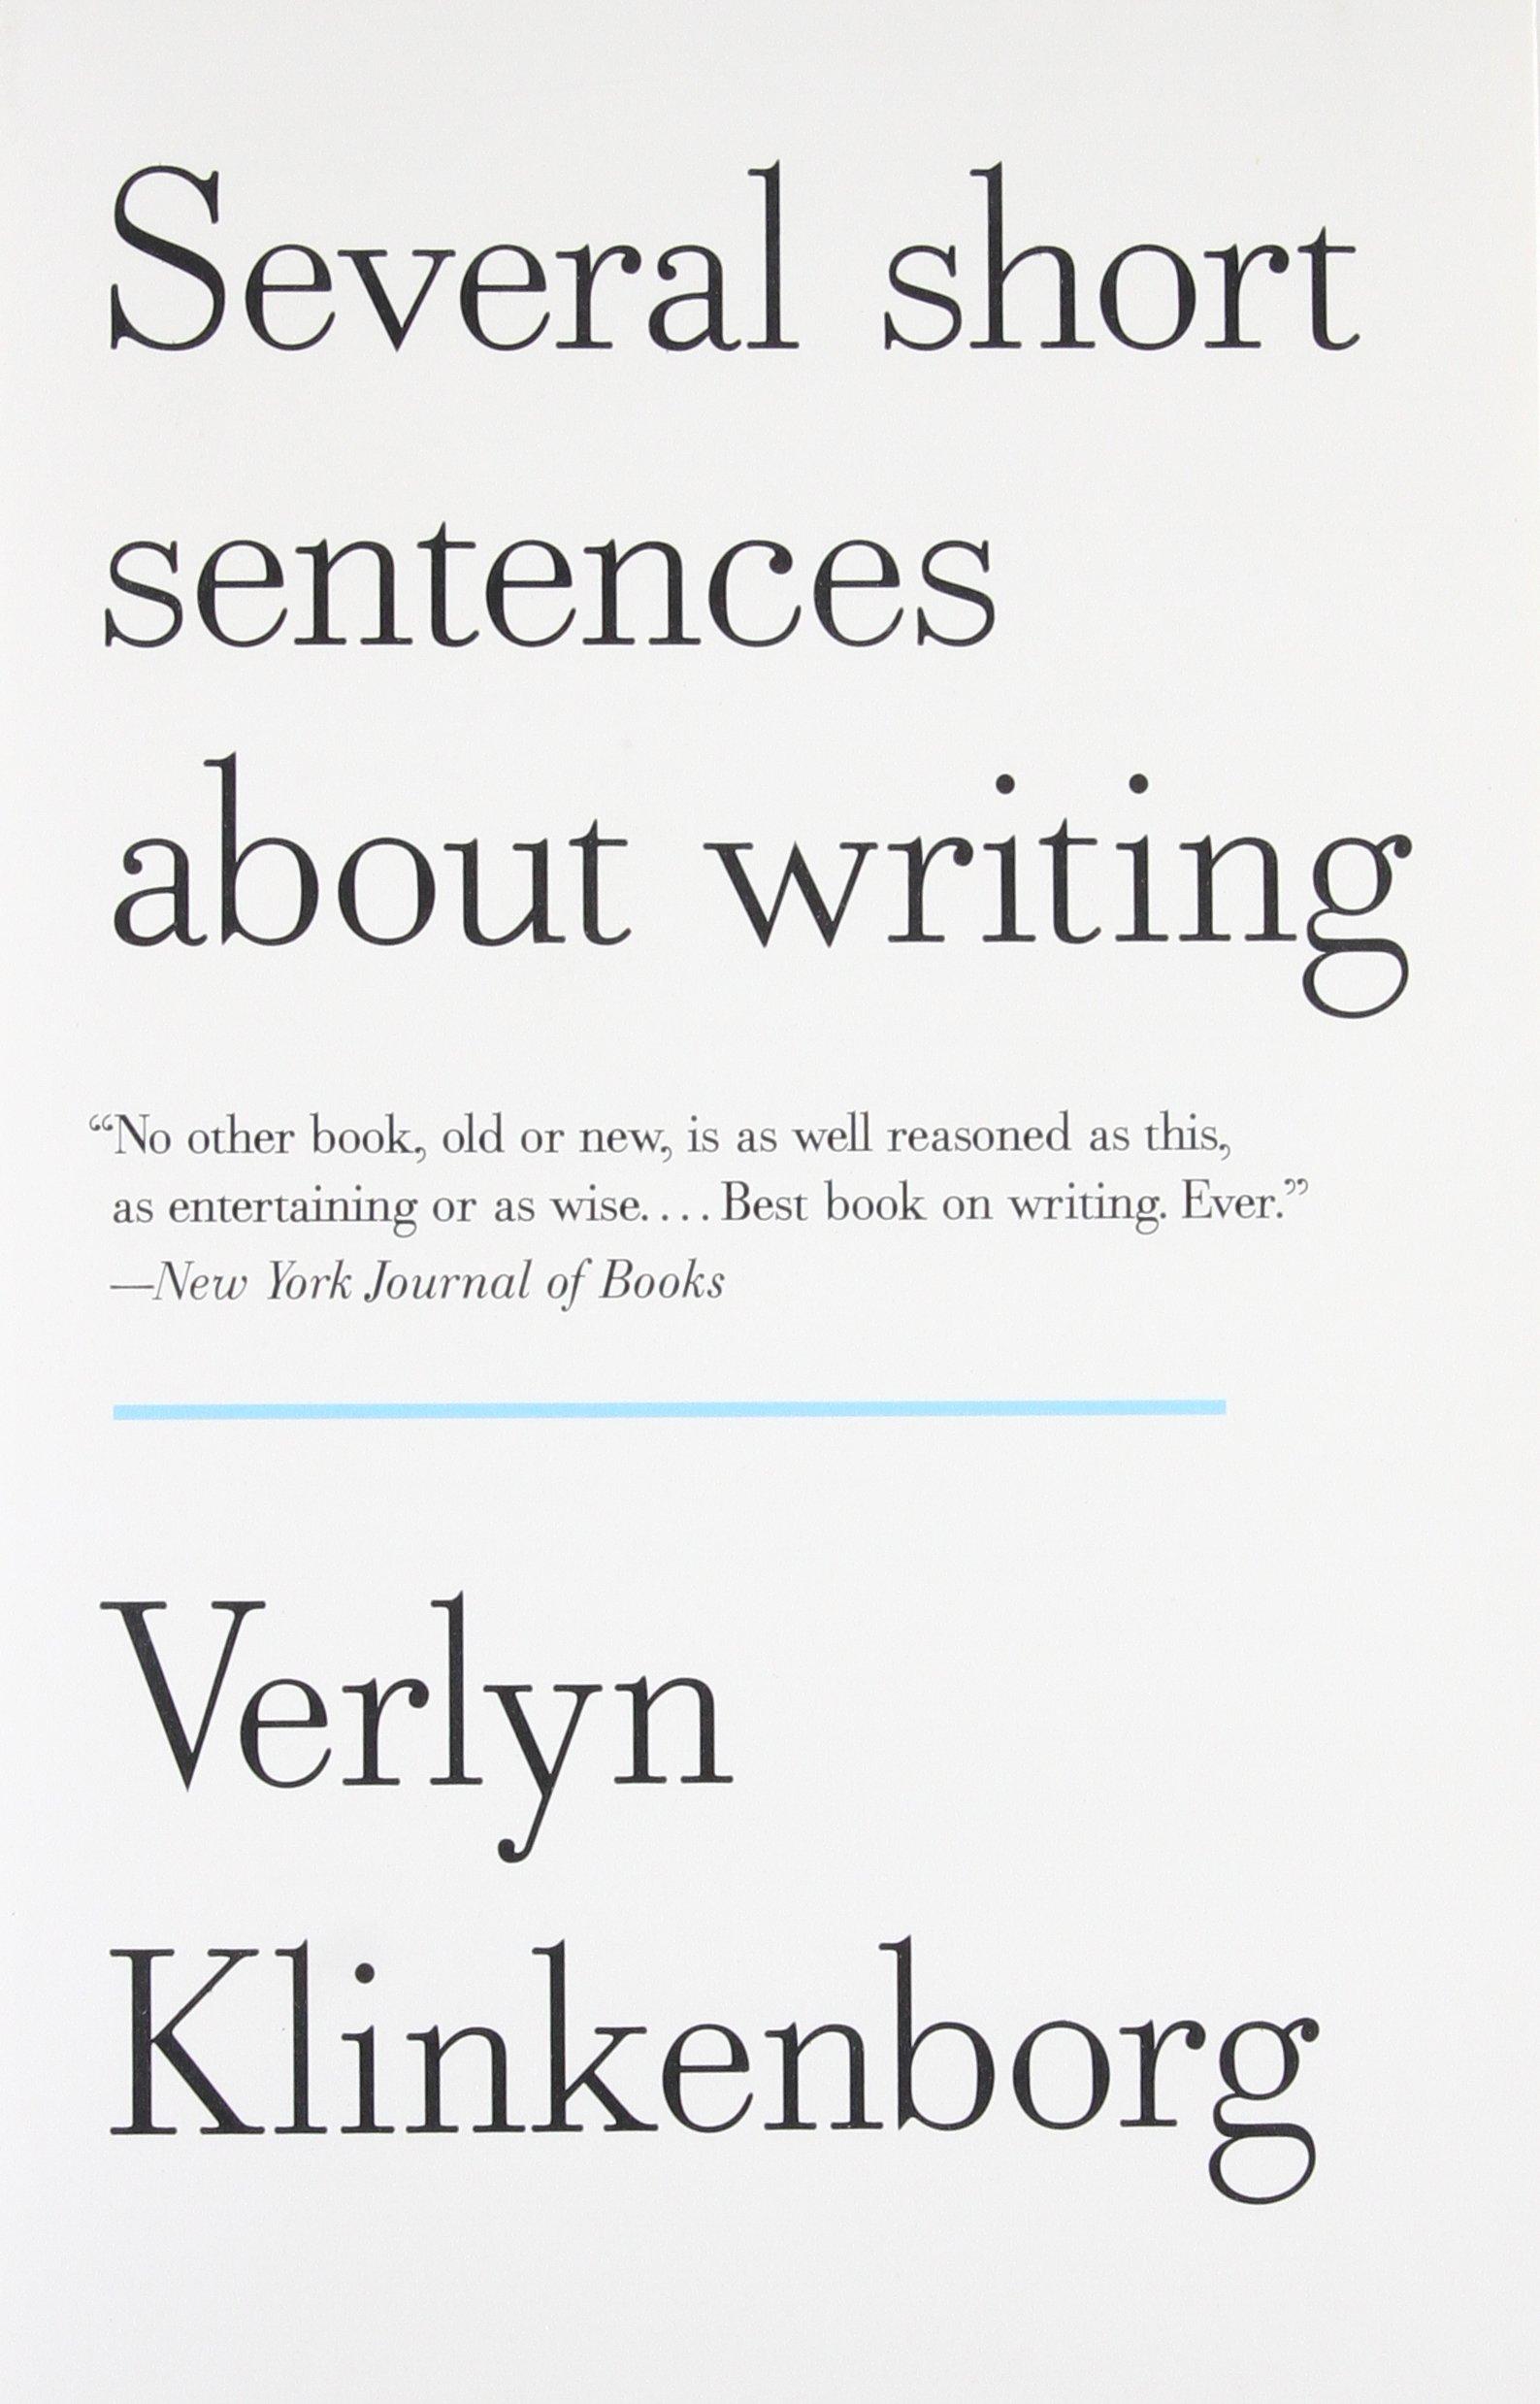 critique in a sentence